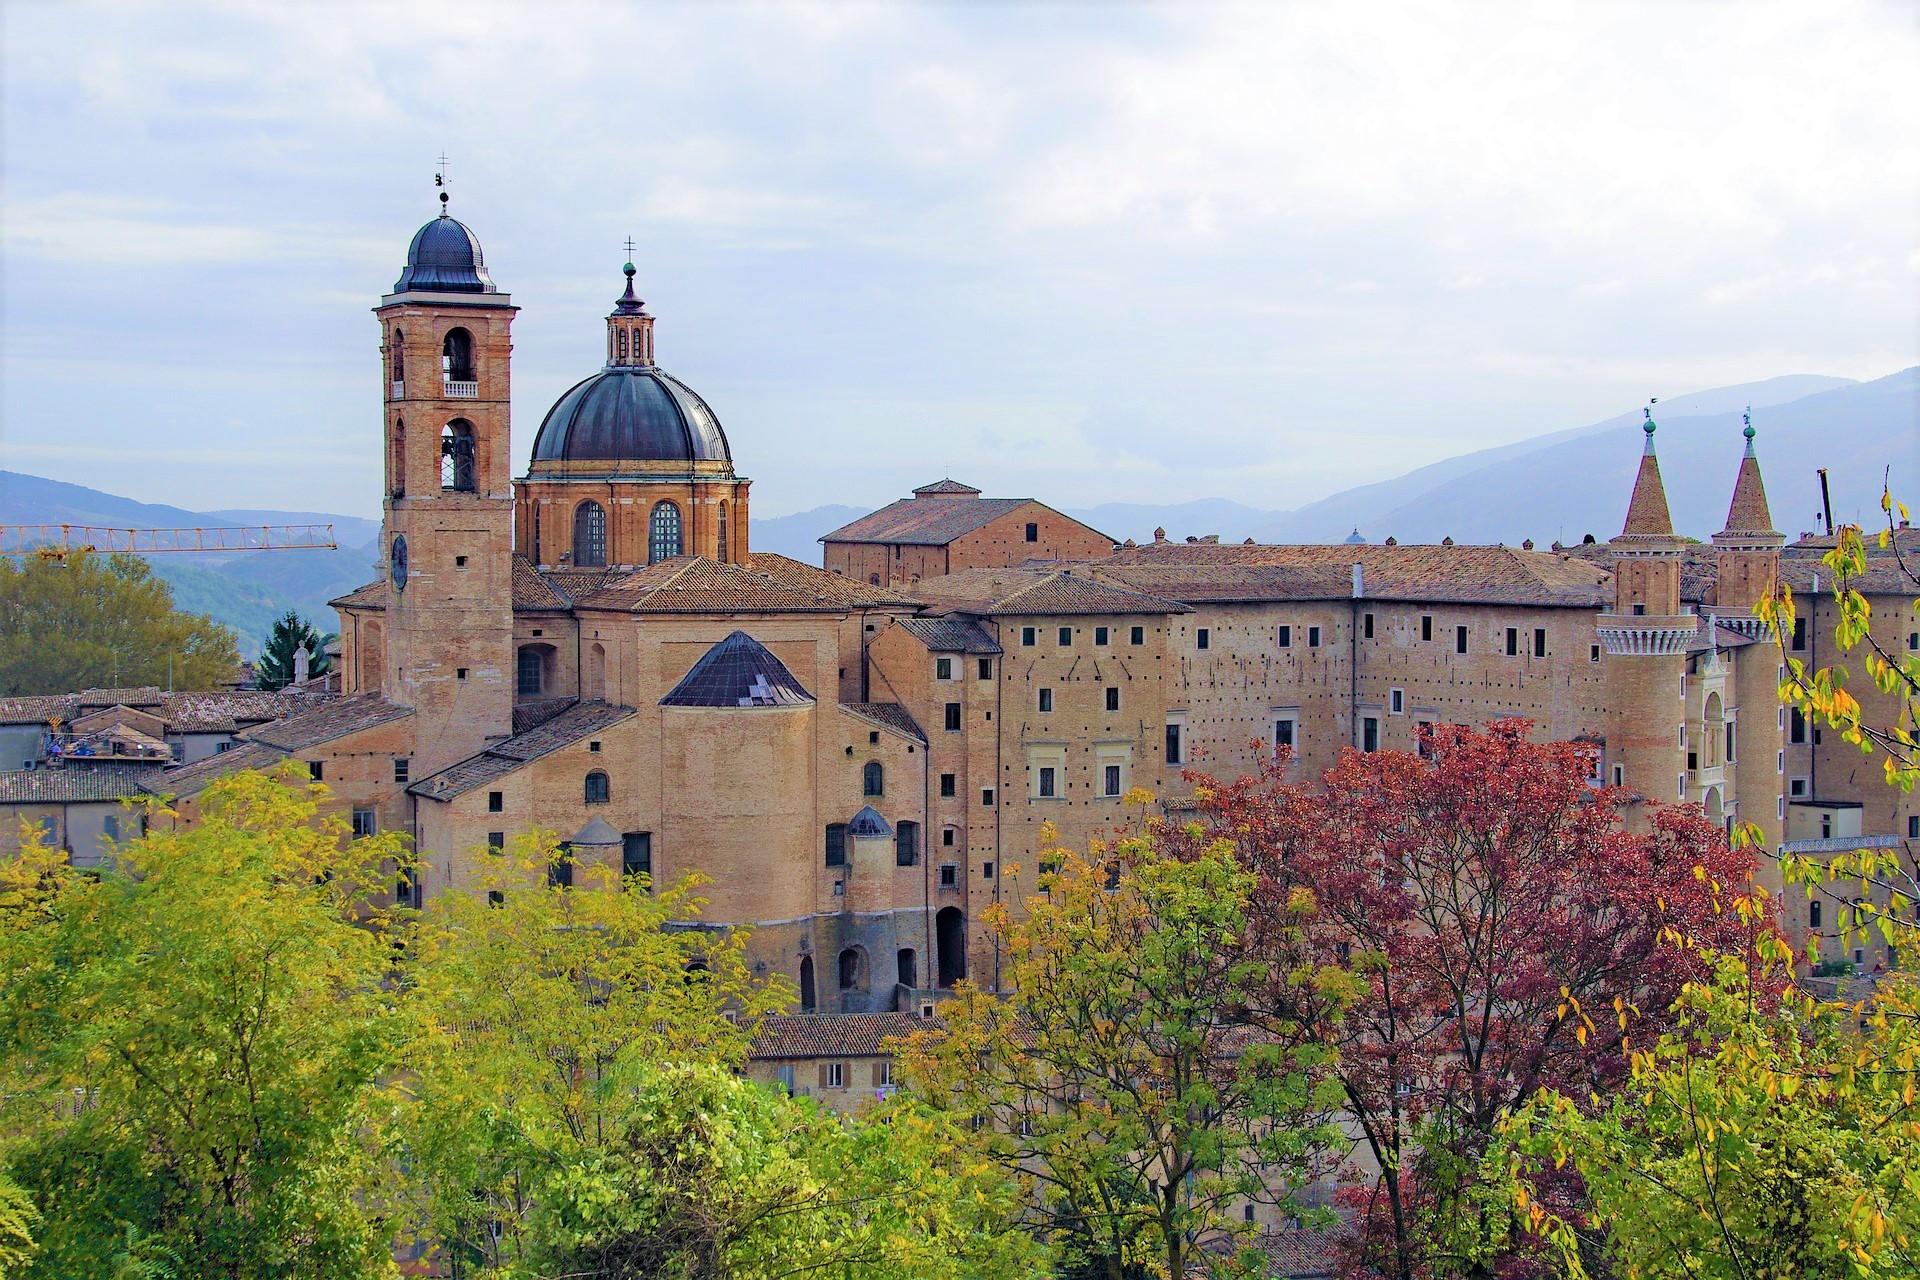 Urbino in the Marche region